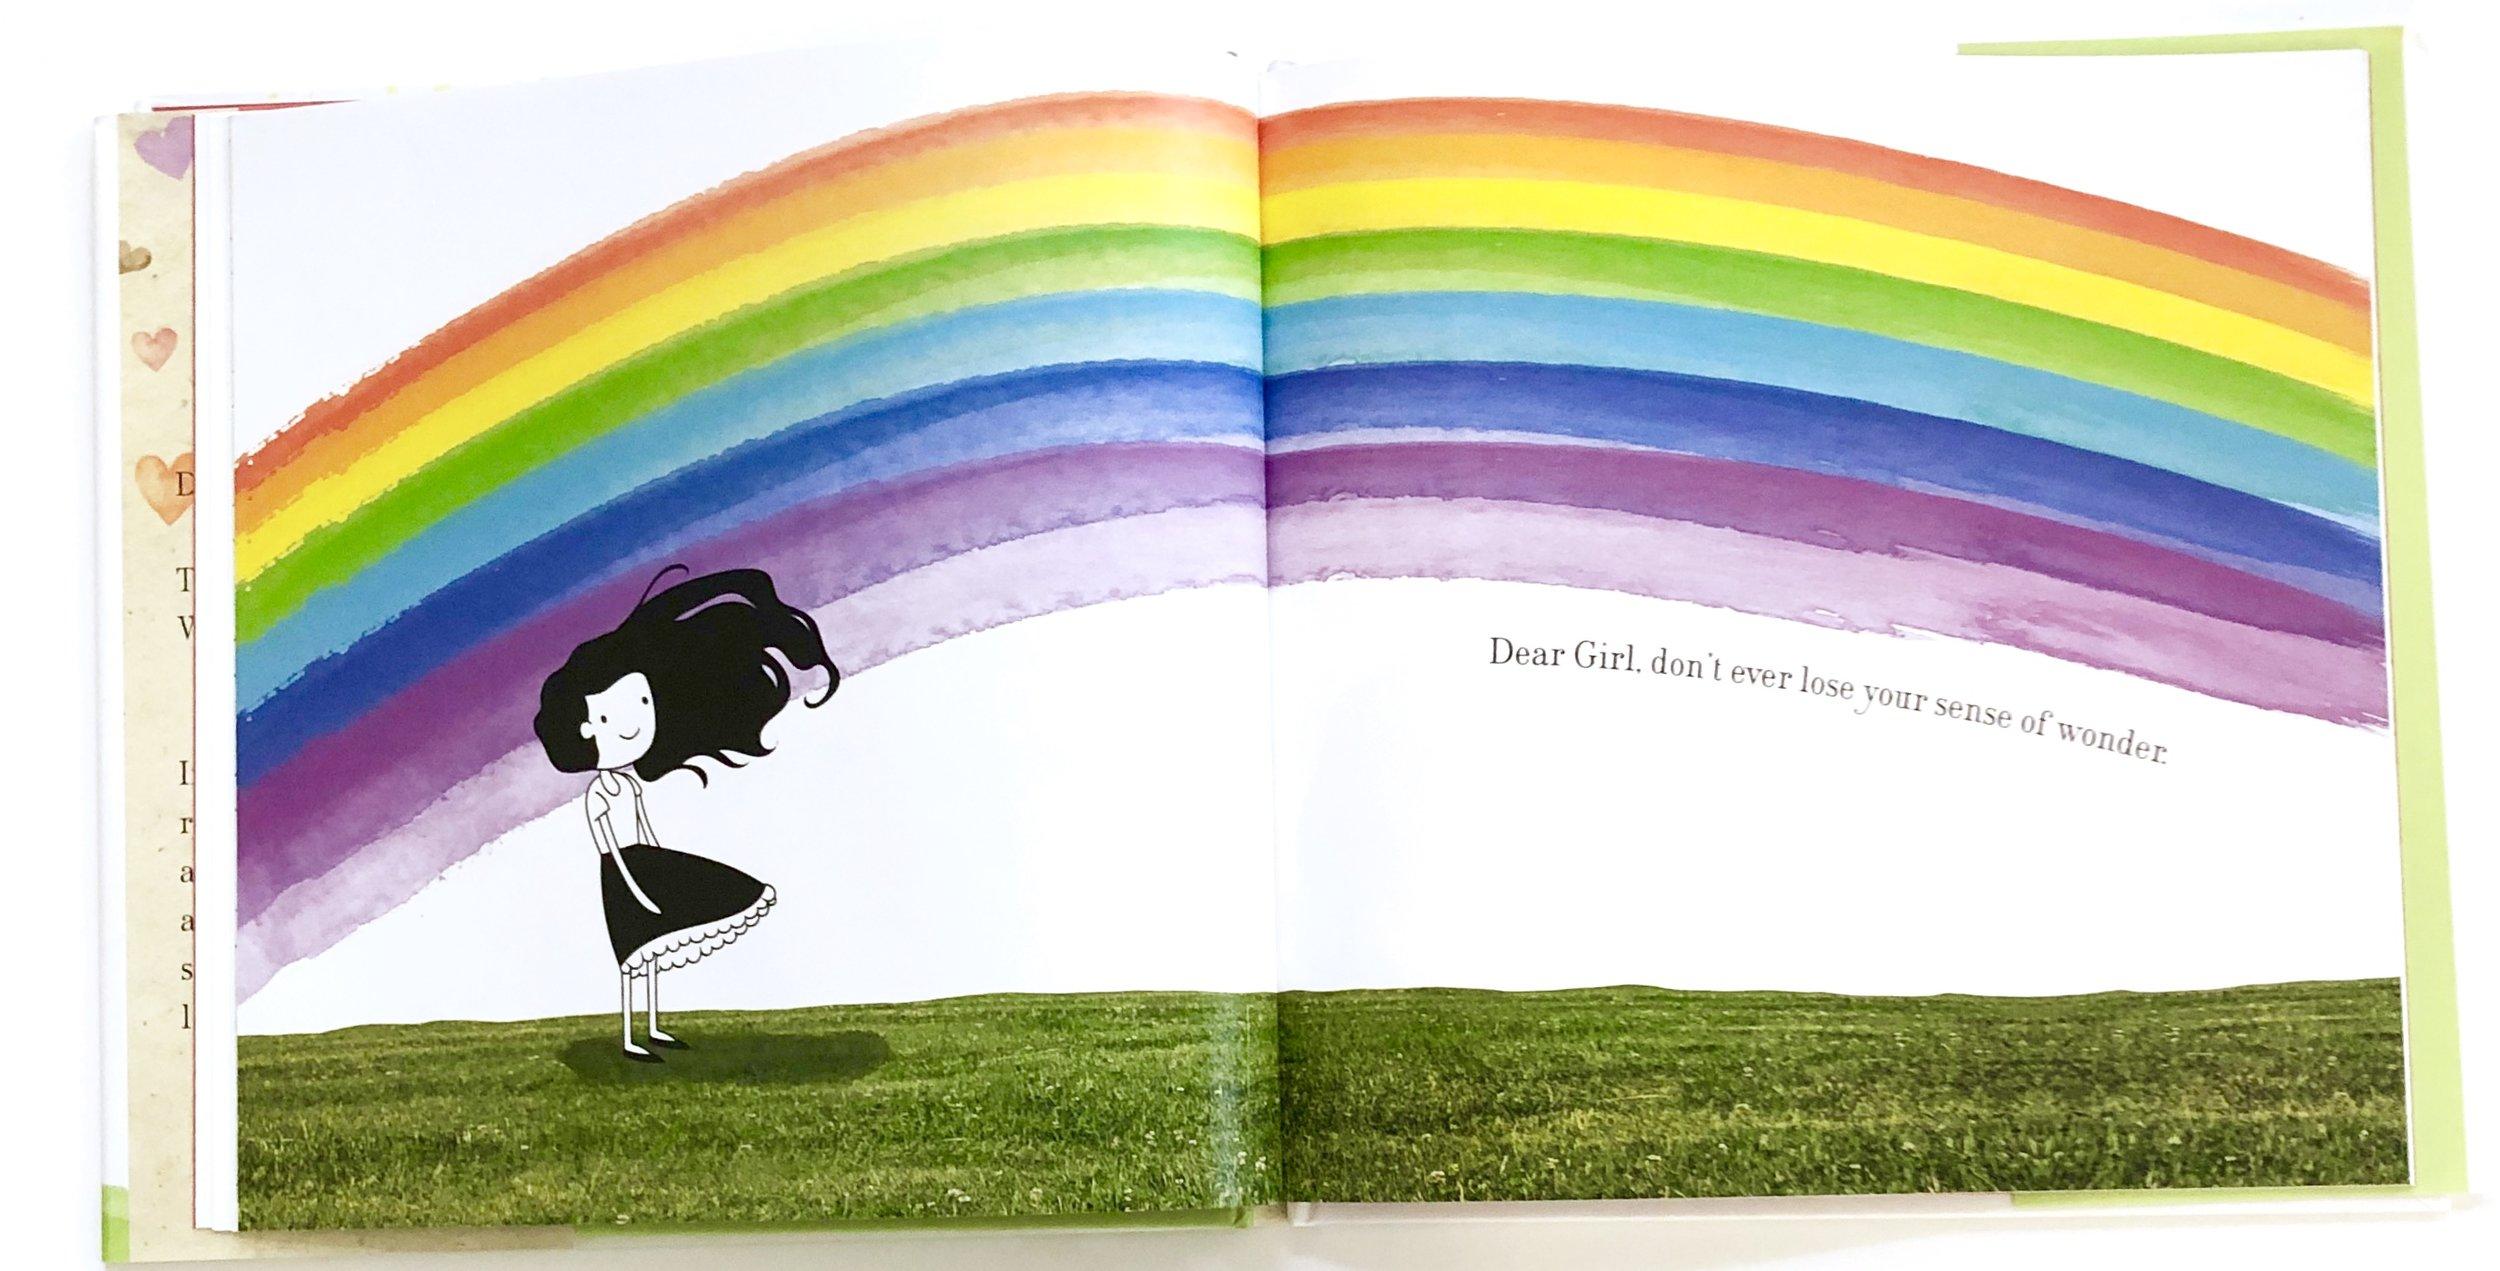 Books about strong girls, Dear Girl!